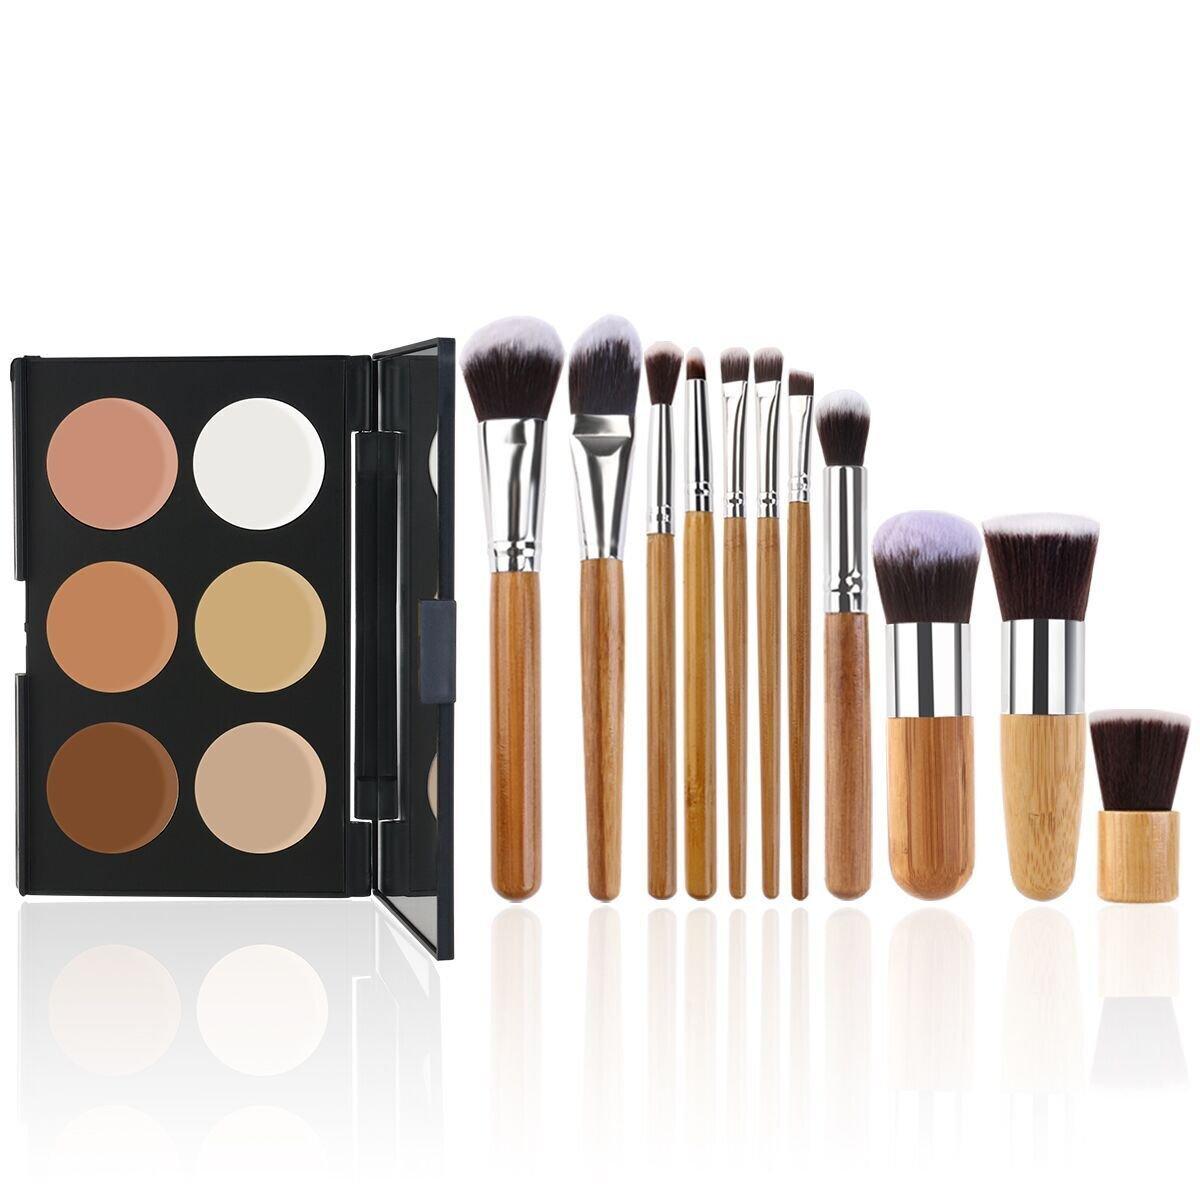 RUIMIO Contour Kit Cream Contour Palette 6 Colors with Makeup Brush Set